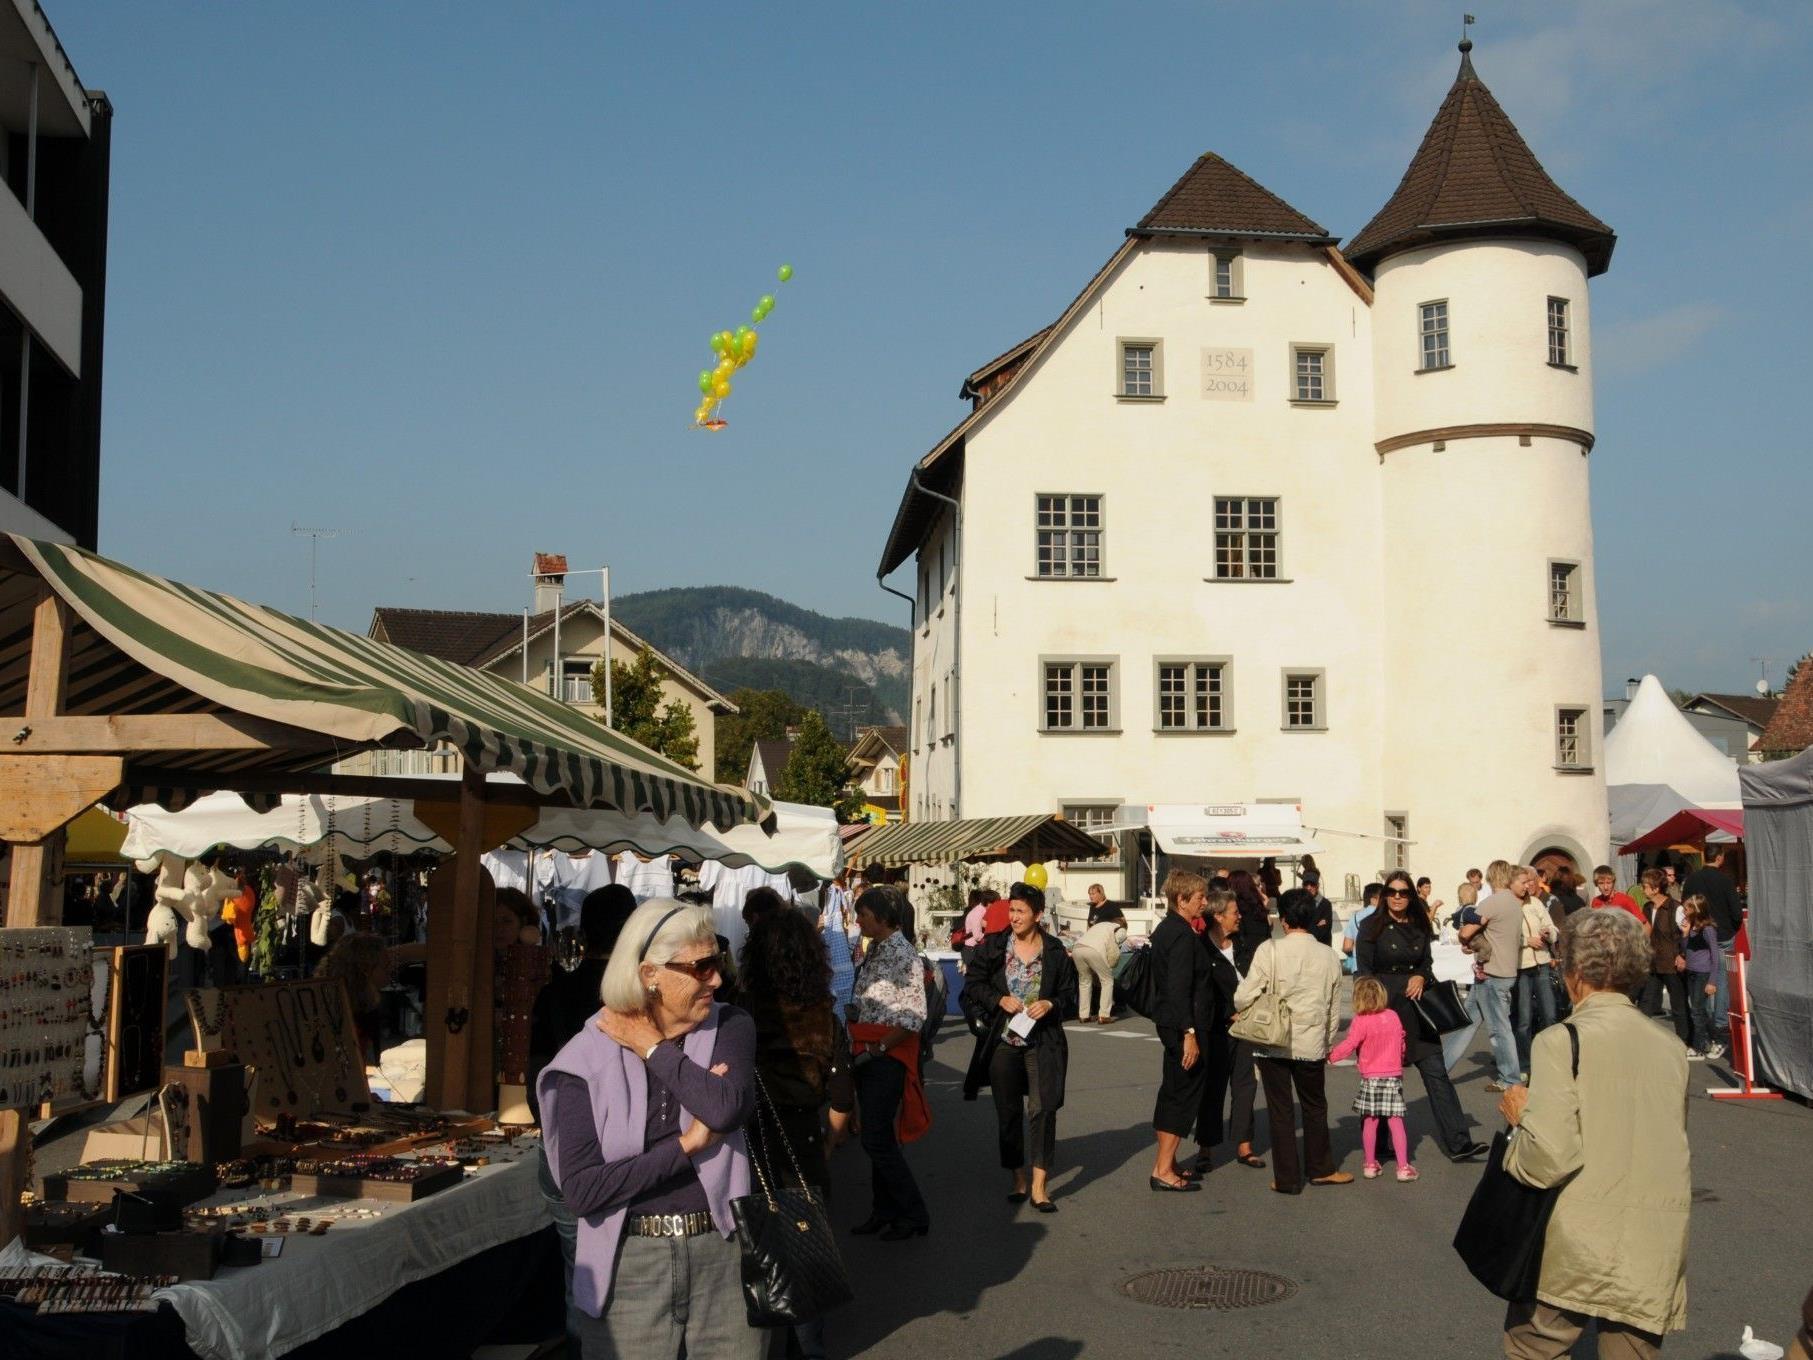 Der traditionelle Jonas Markt im Herzen von Götzis stellt auch dieses Jahr wieder ein Herbst-Highlight dar